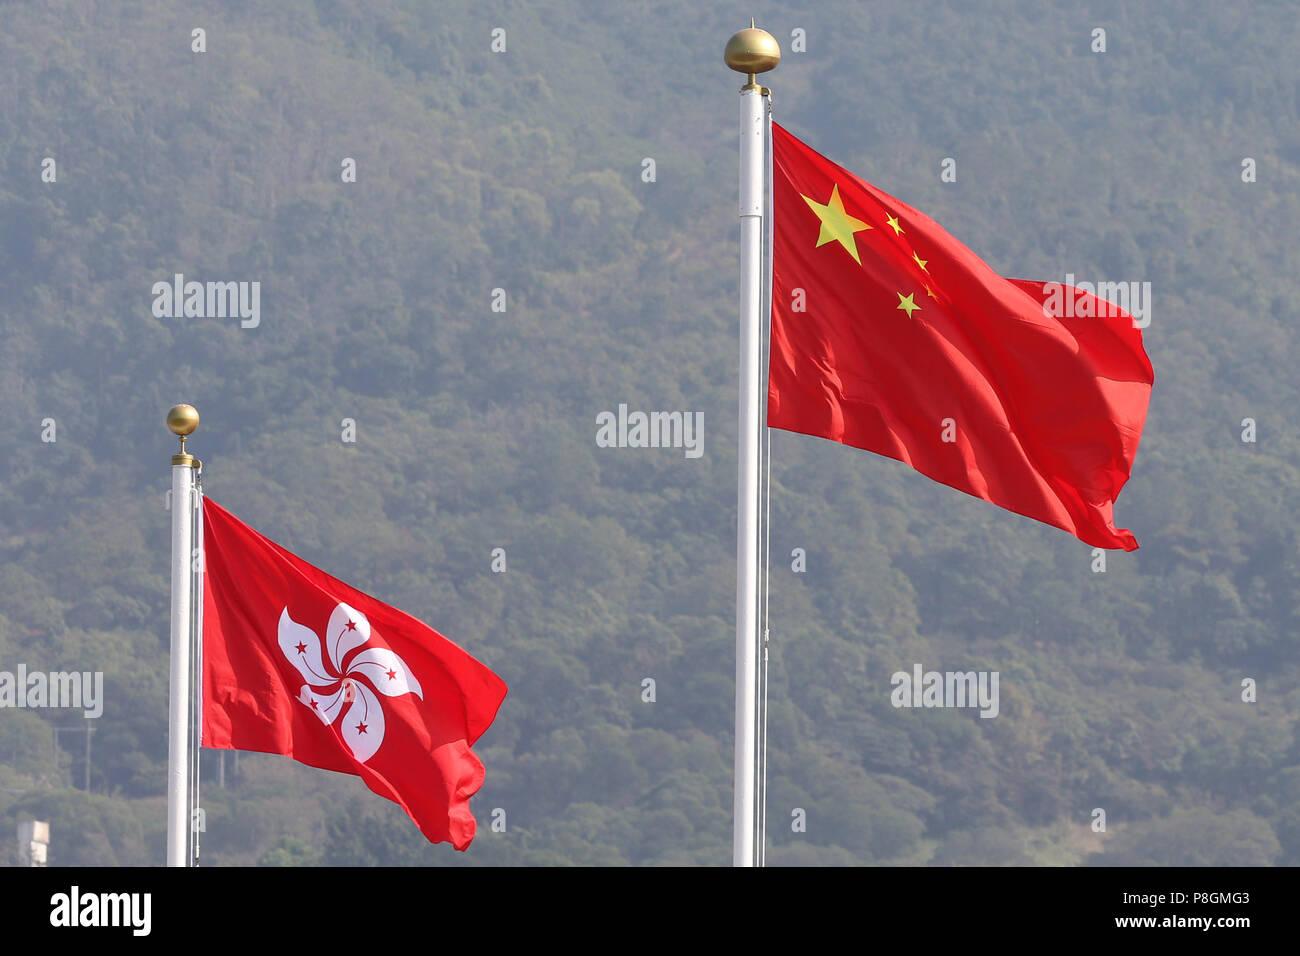 Hong Kong, China, National Flag of the People's Republic of China and Country Flag of Hong Kong - Stock Image